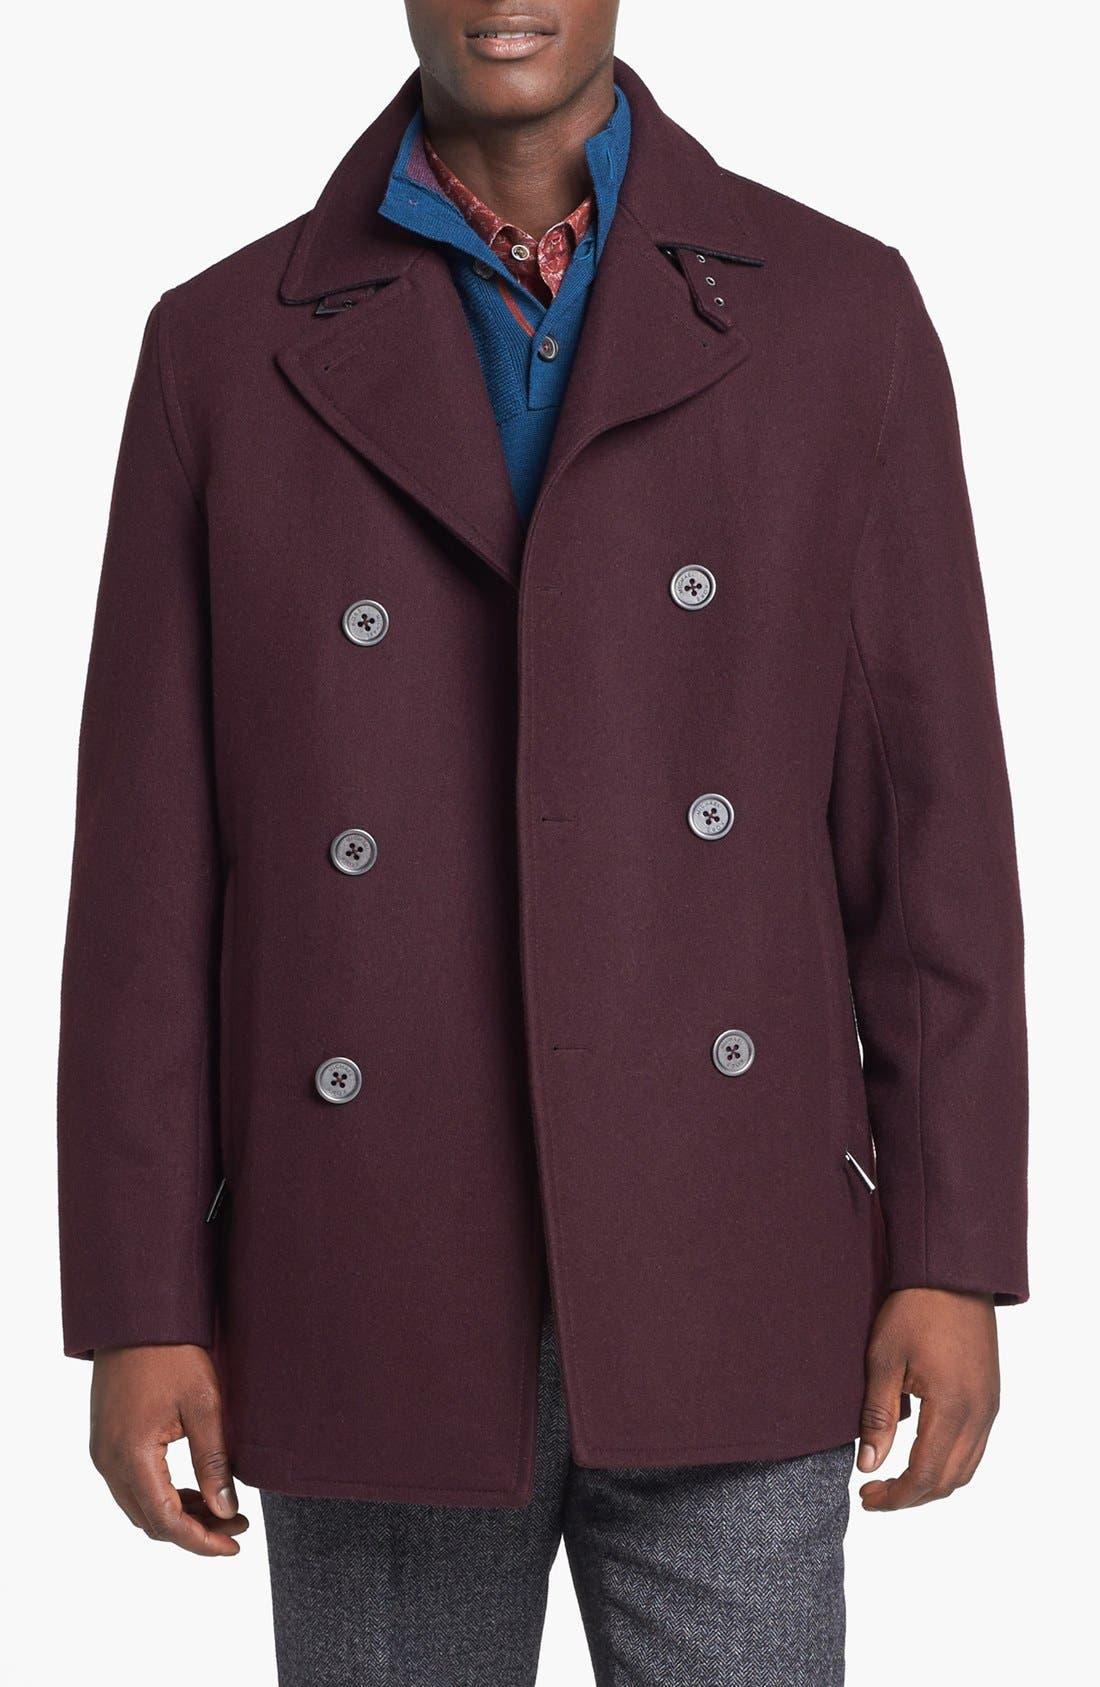 Main Image - Michael Kors 'San Diego' Wool Blend Peacoat (Online Exclusive)